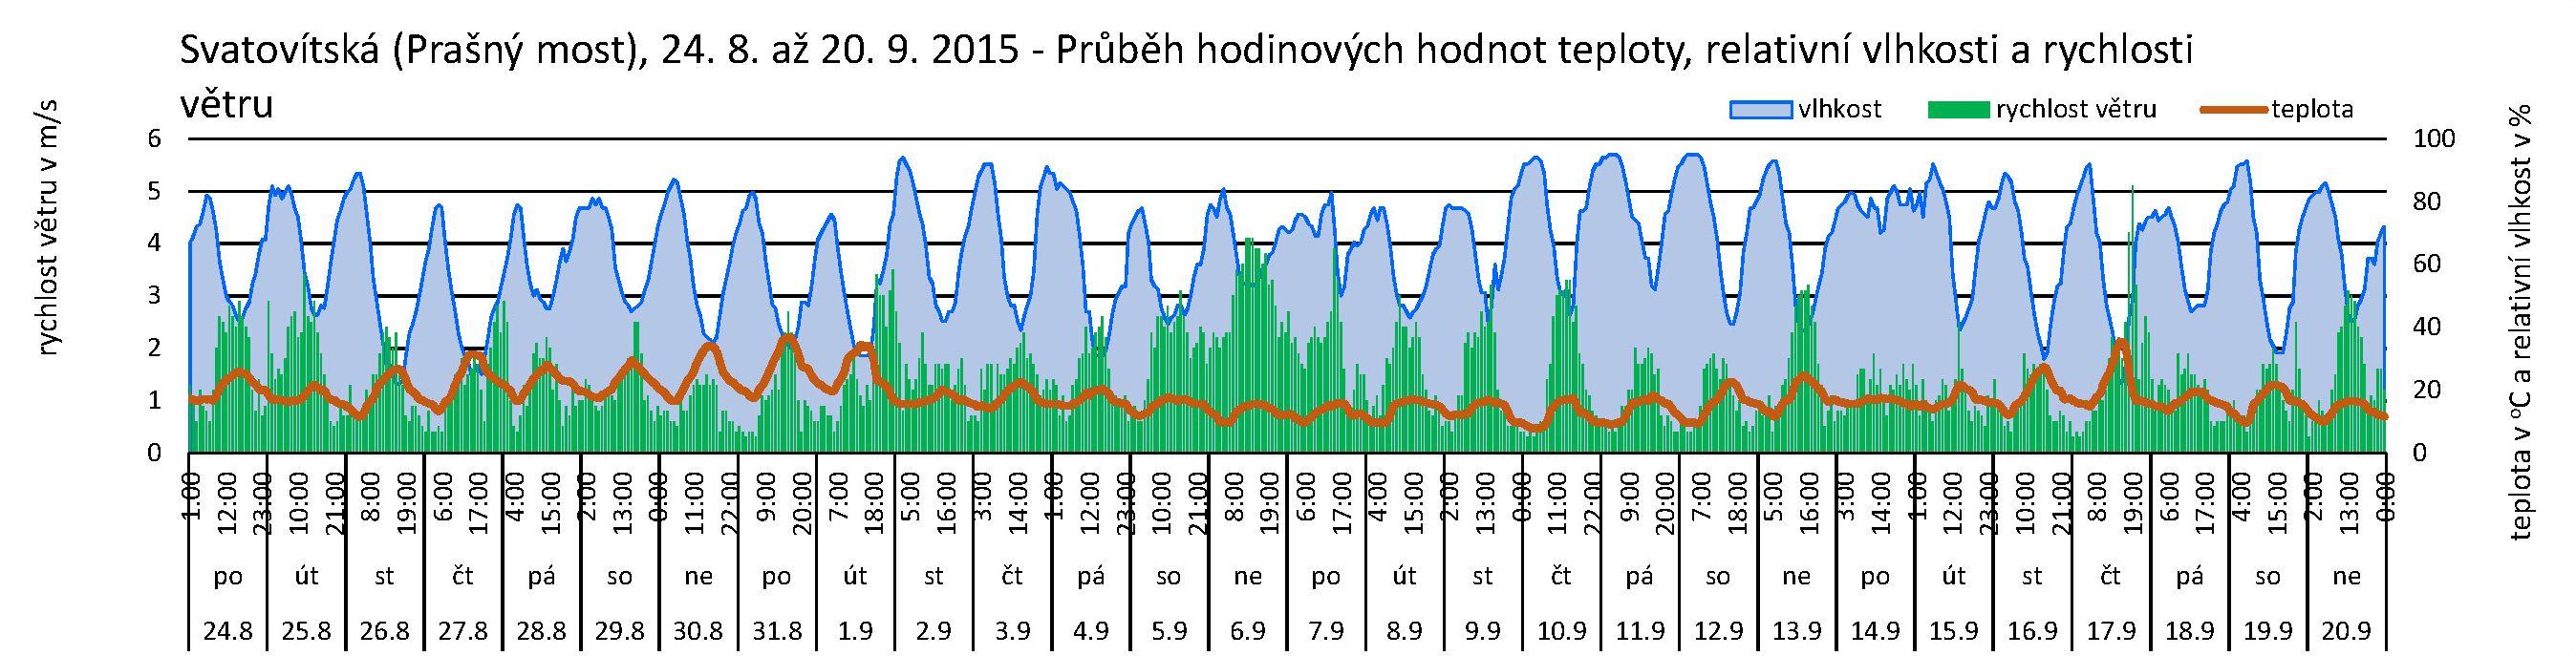 Svatovítská - 09.2015 - Mikroklima